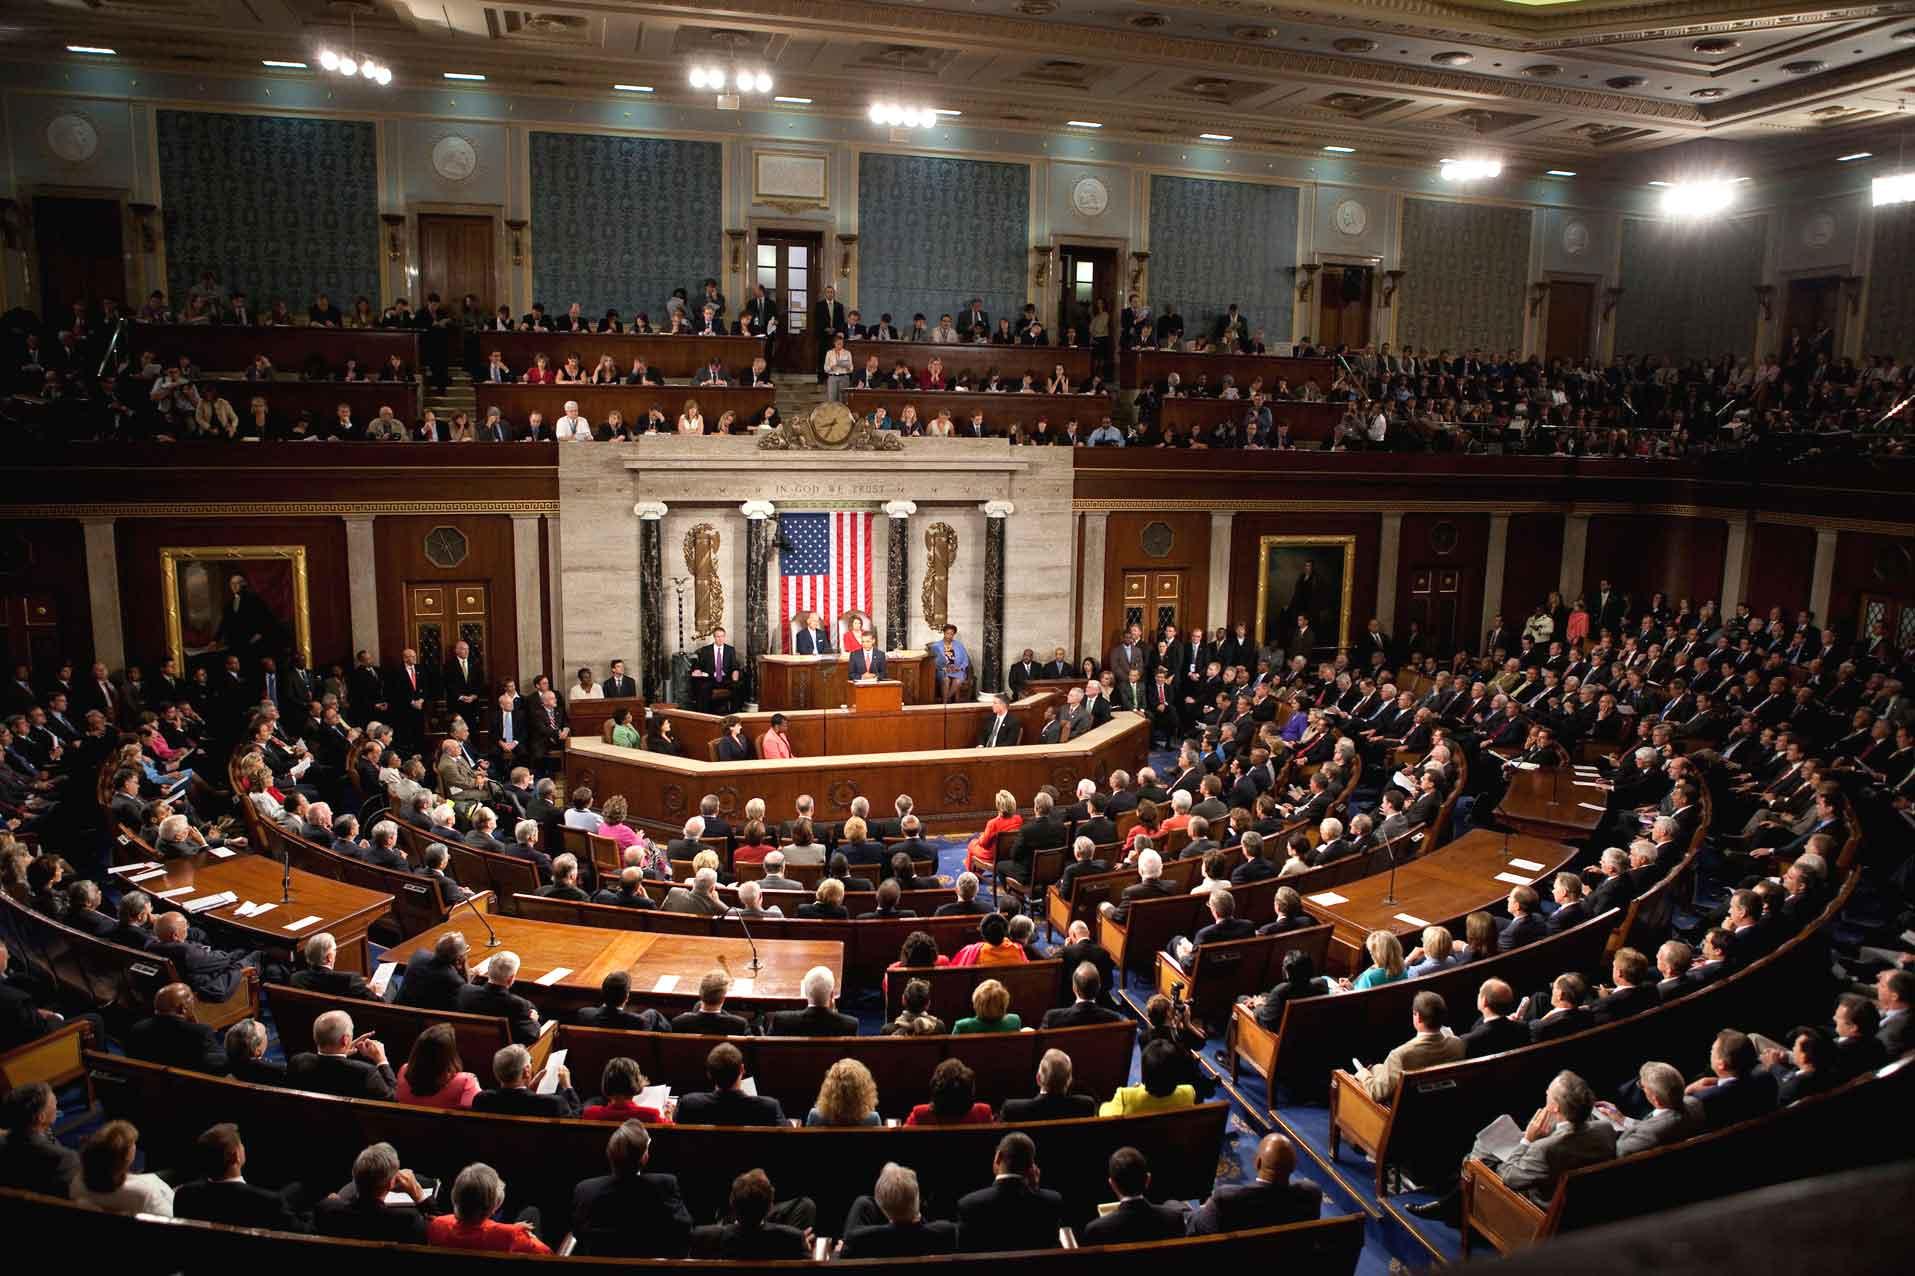 अमेरिकी संसदमा नेपालबारे छलफल, थप एक अर्ब बीस करोड दिइने